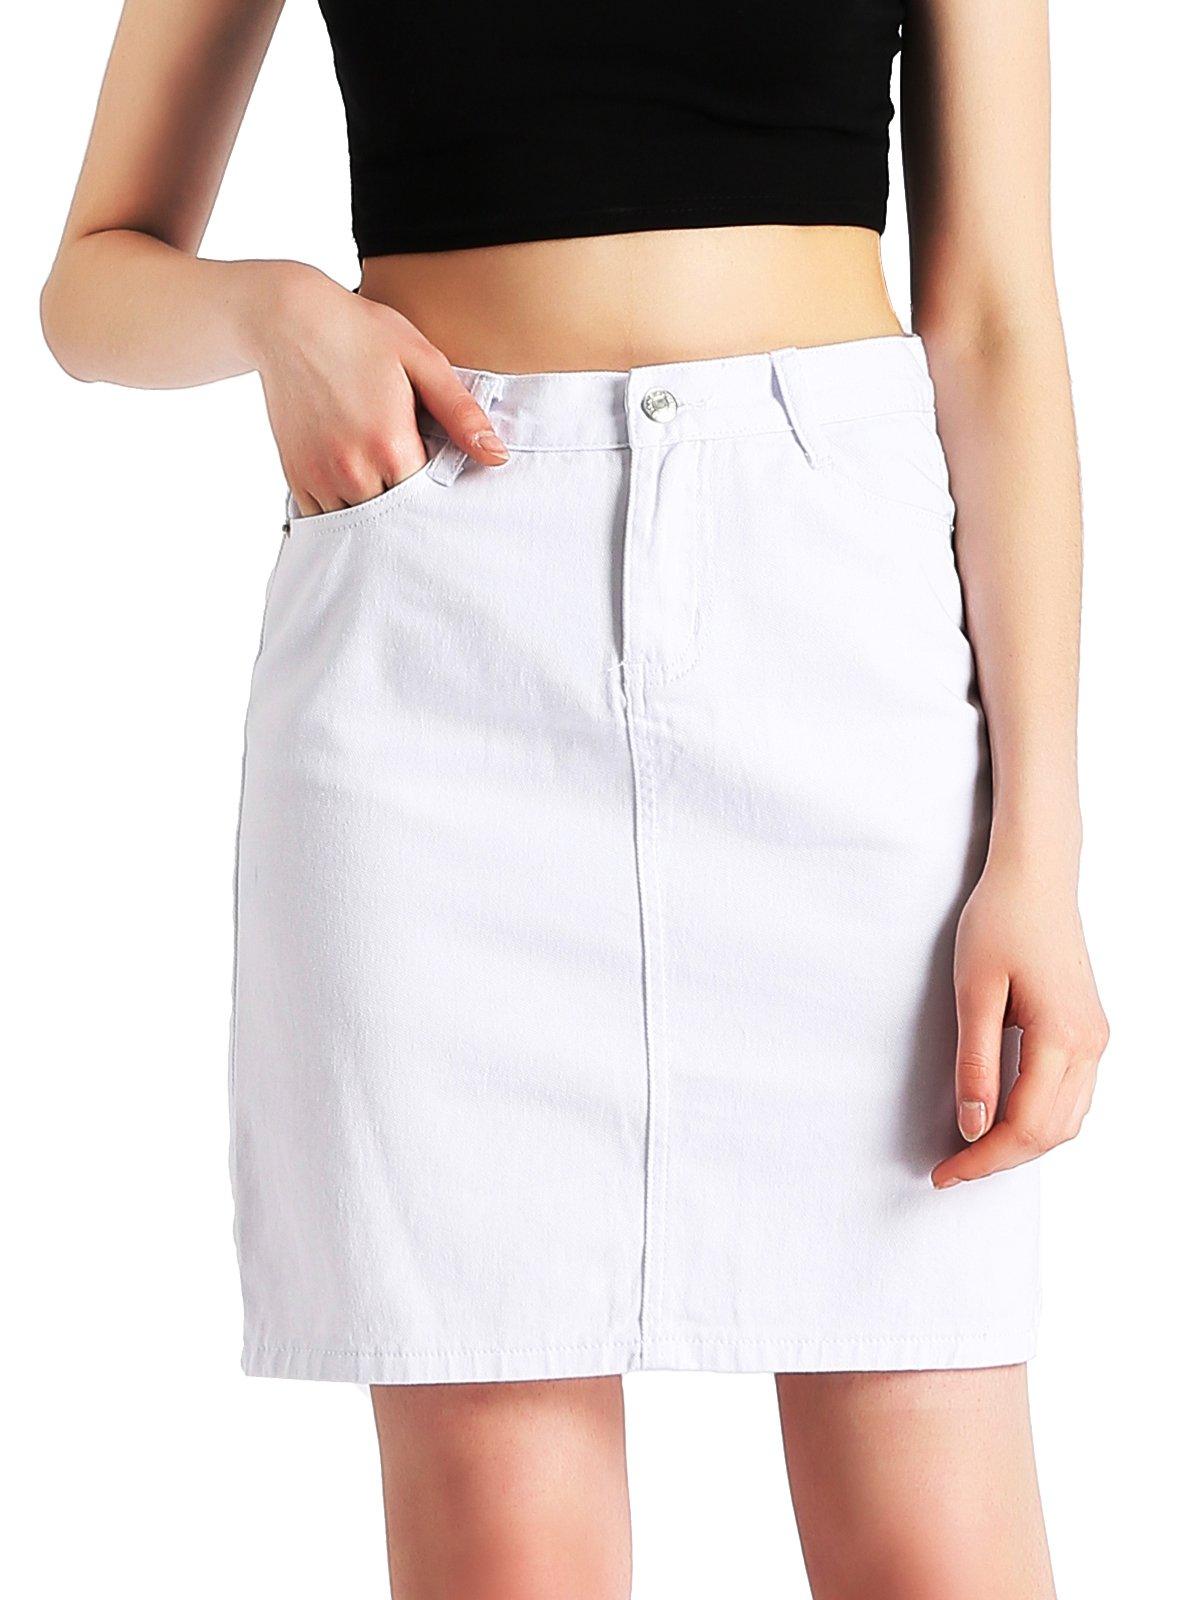 Beluring White Denim Skirt for Women Bodycon Skirt Fashion Classic Size 6